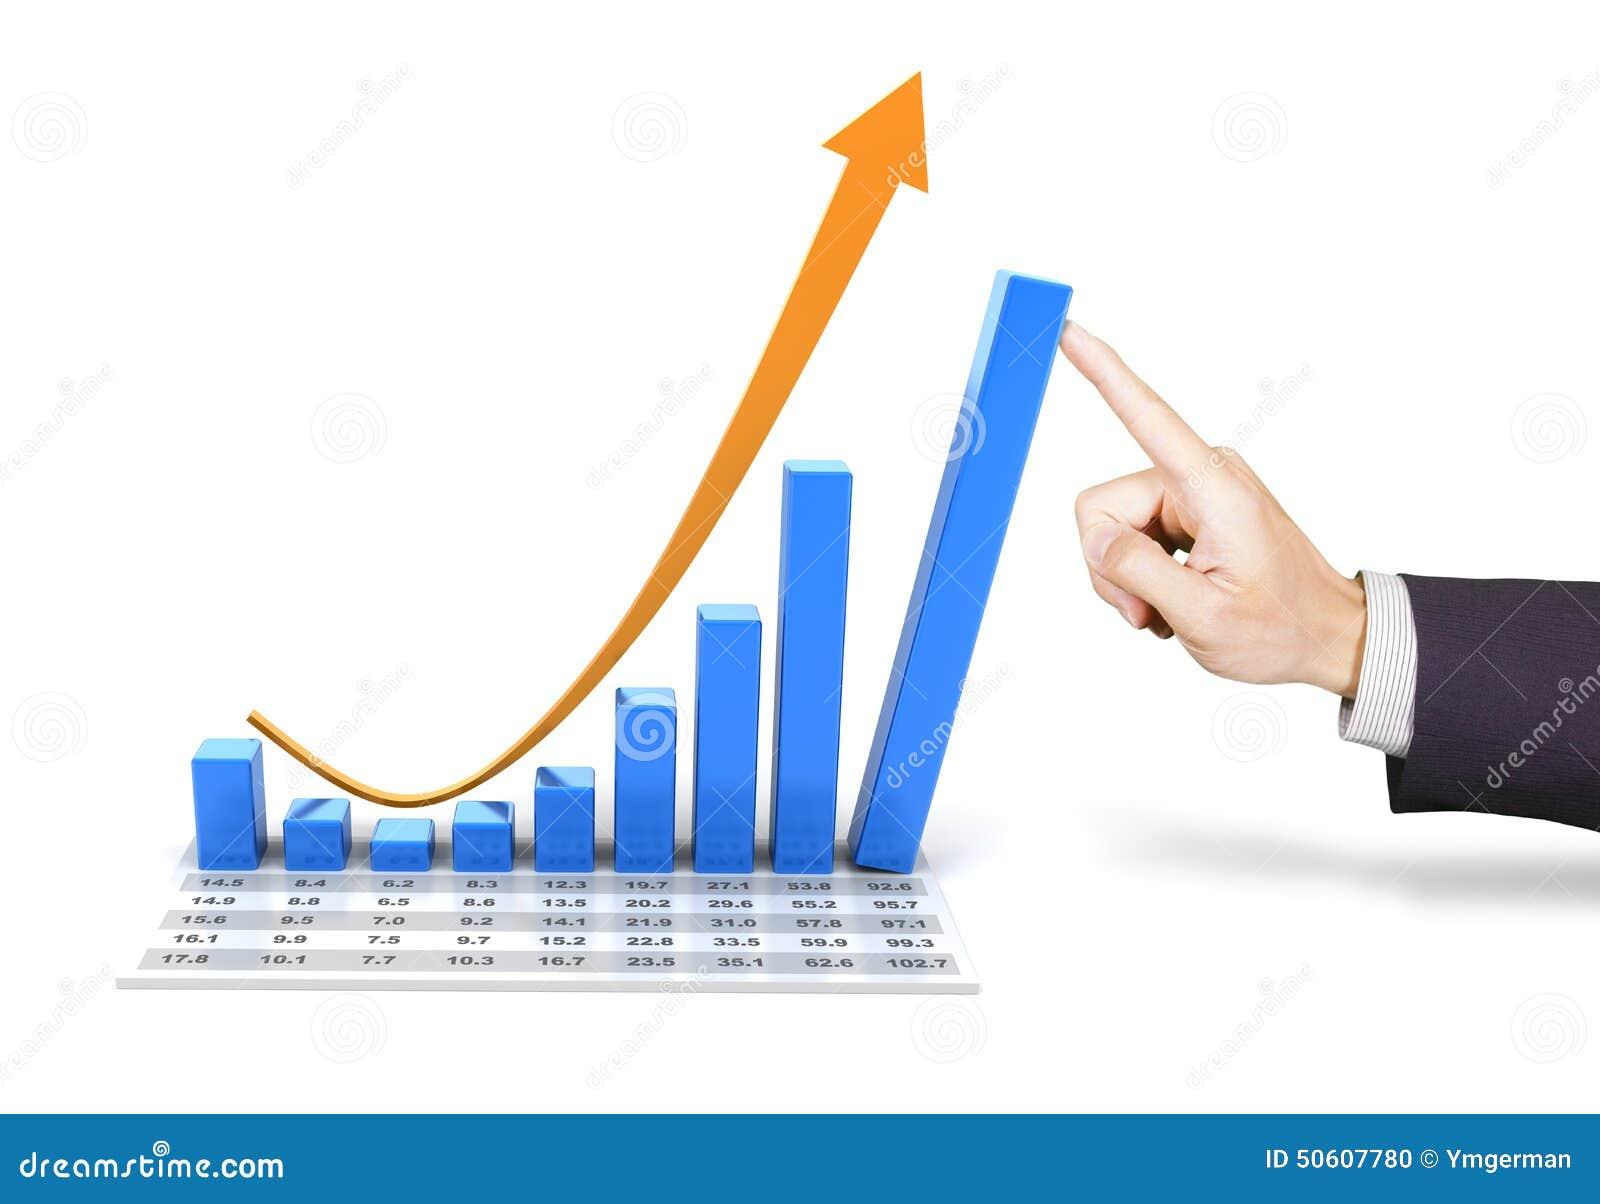 Rebounding Chart Stock Illustrations 5 Rebounding Chart Stock Illustrations Vectors Clipart Dreamstime